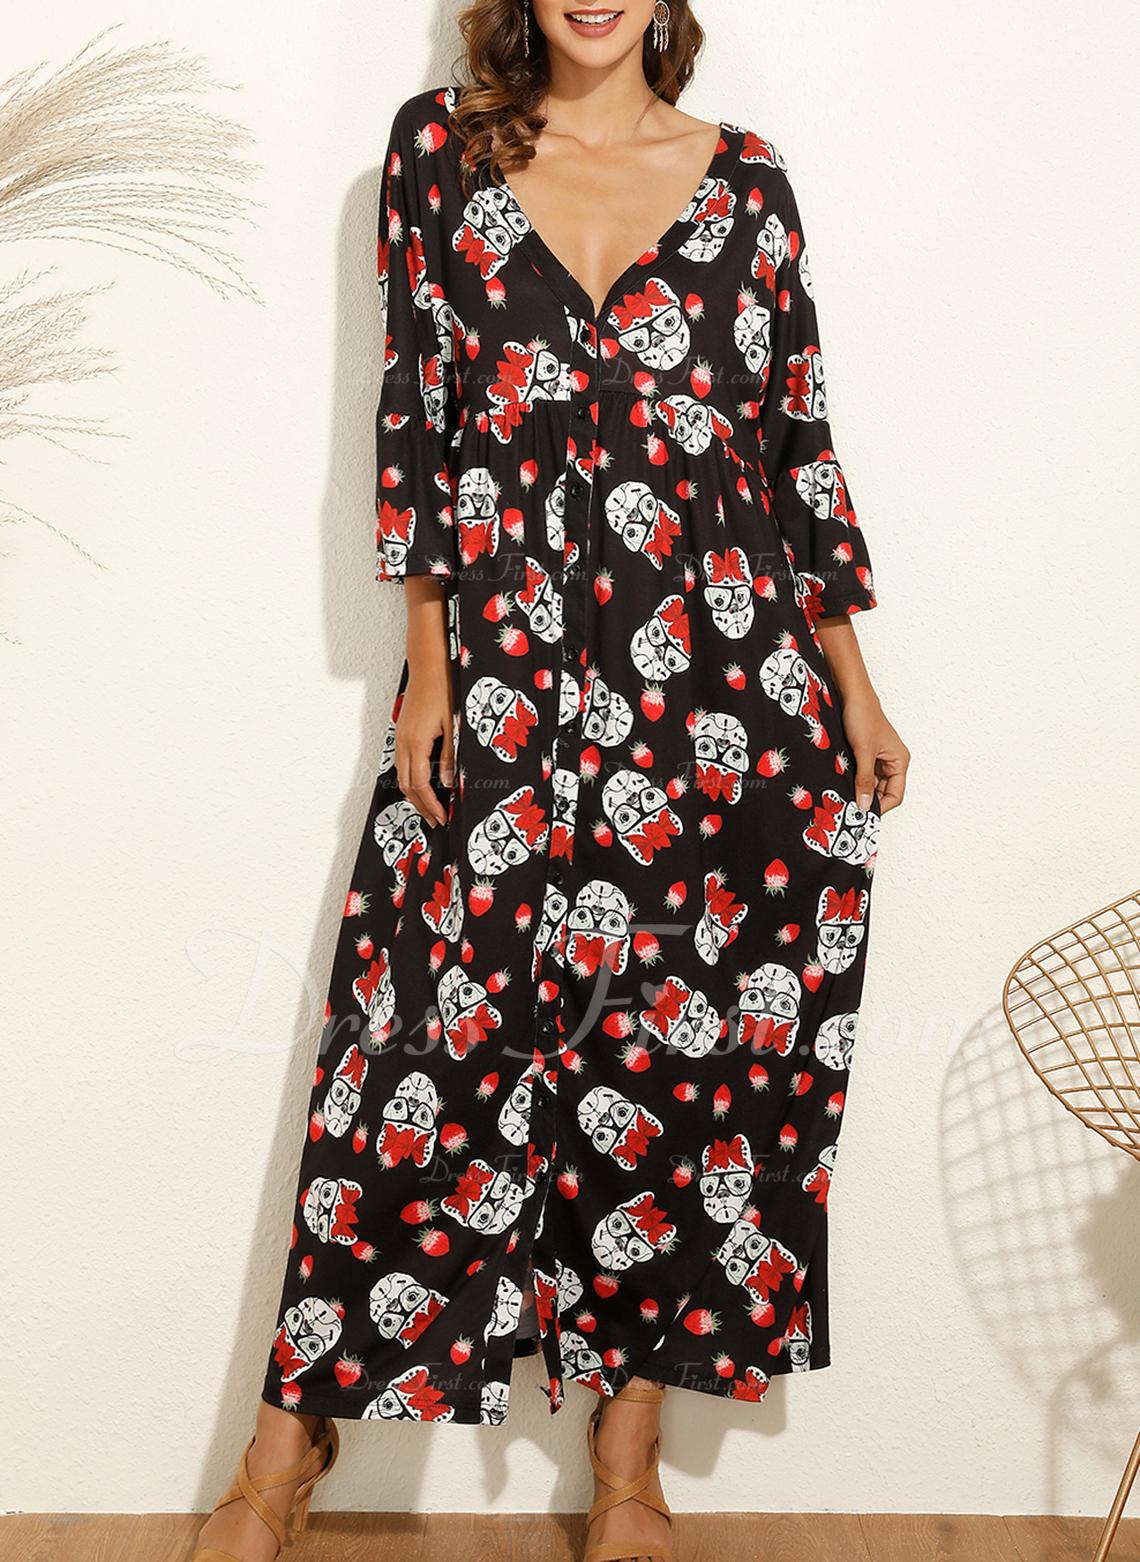 Floral Print Shift Long Sleeves Maxi Boho Casual Vacation Dresses